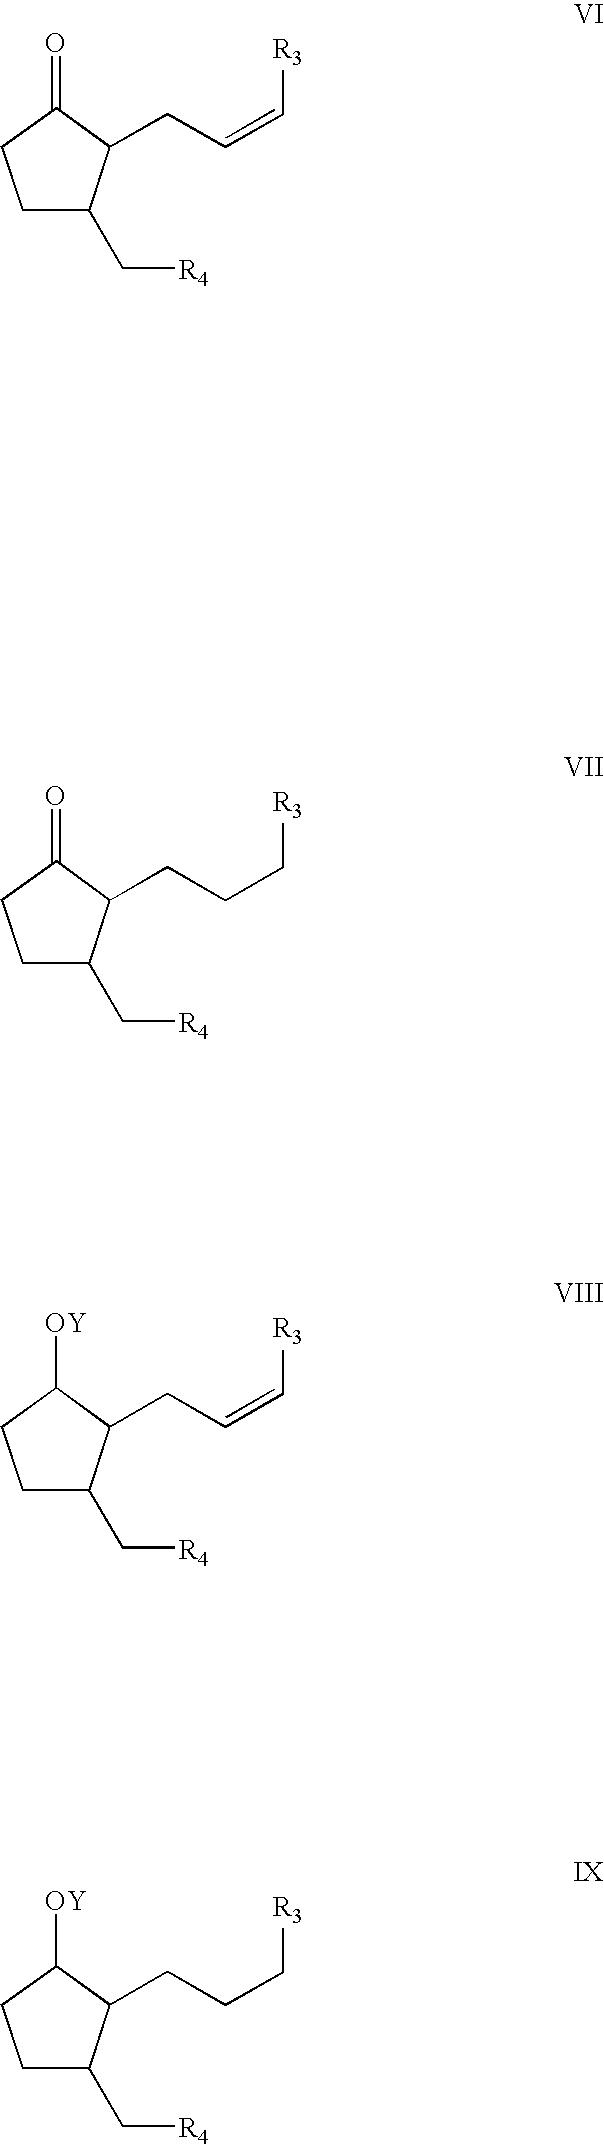 Figure US20040116356A1-20040617-C00021